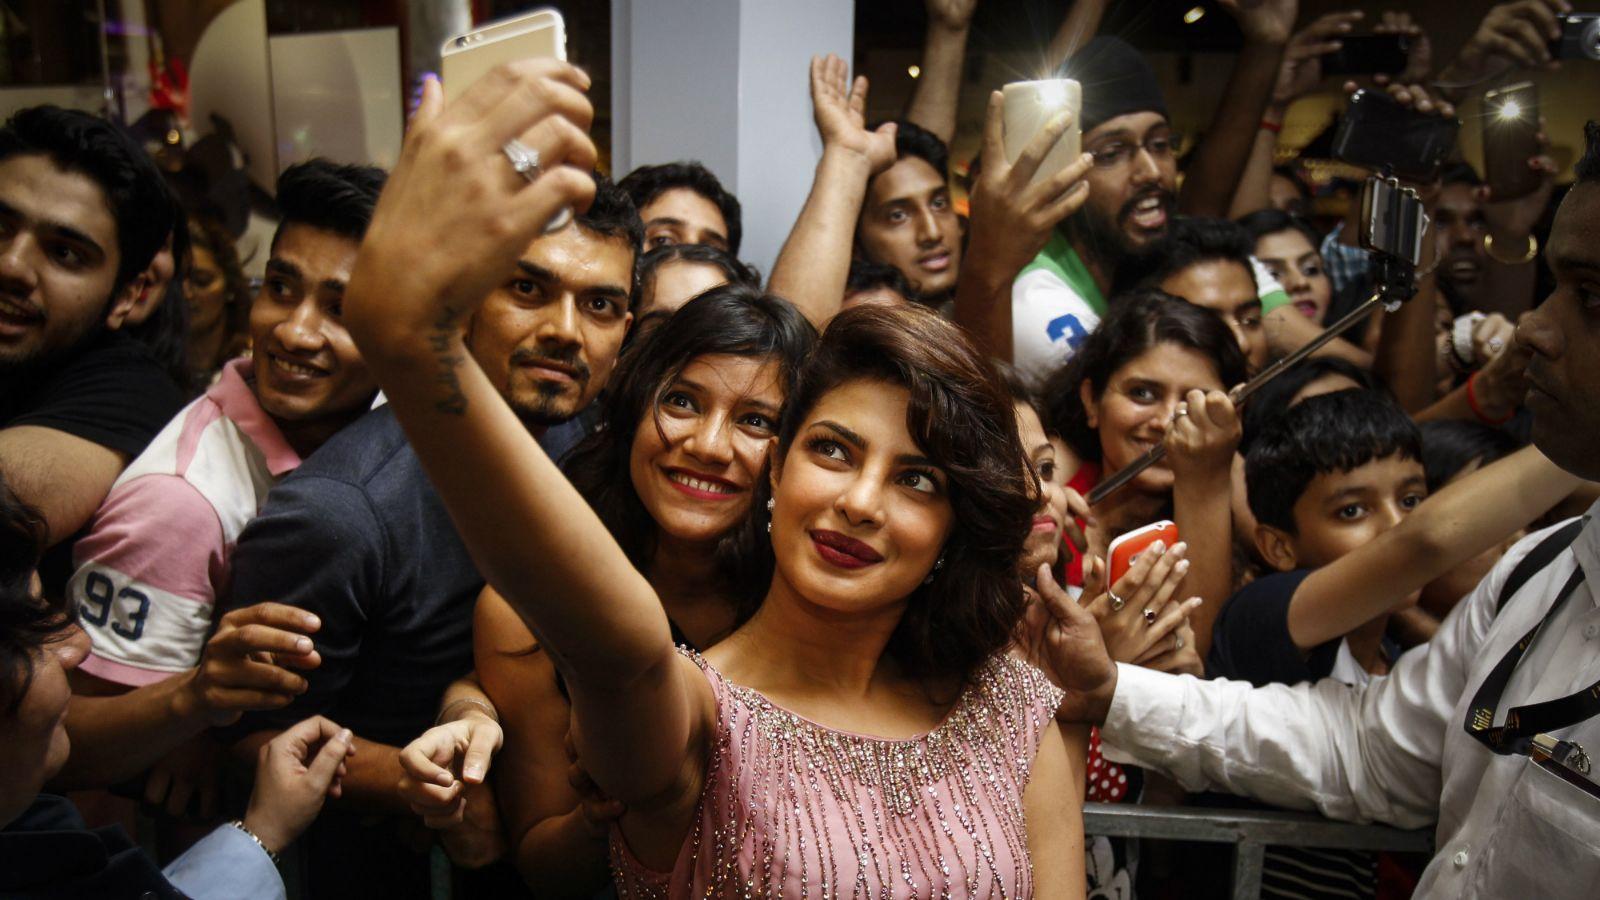 Role of celebrities in fan's